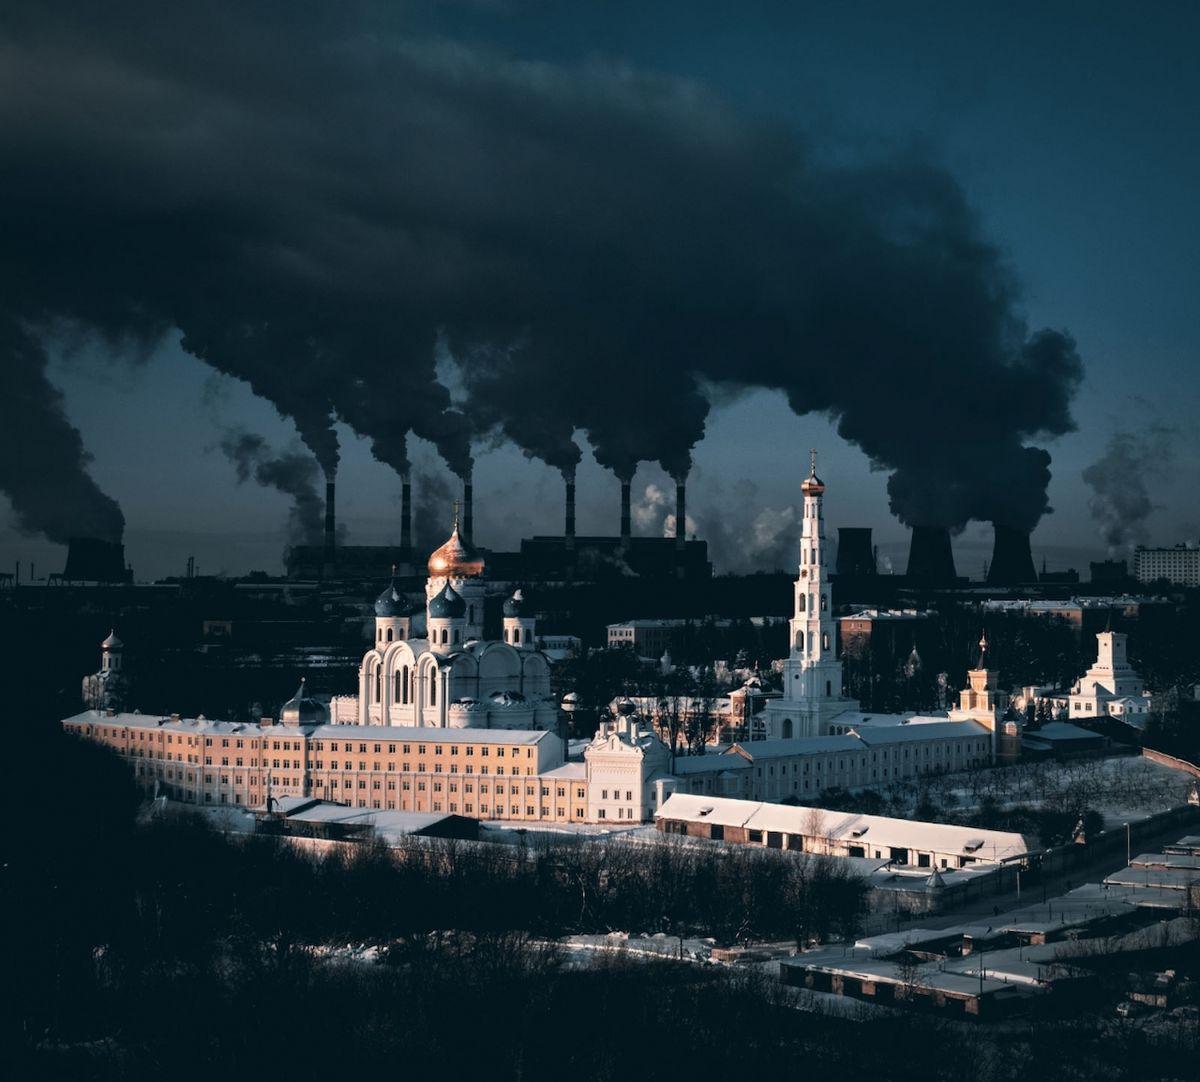 Metaforická zpráva o městě a zimě (Moskevská oblast) - Vítěz kategorie Město. 500 Let starý klášter v moskevské oblasti a obrovská elektrárna v pozadí. Pára z chladících věží je tak hustá částečně díky obrovskému mrazu.